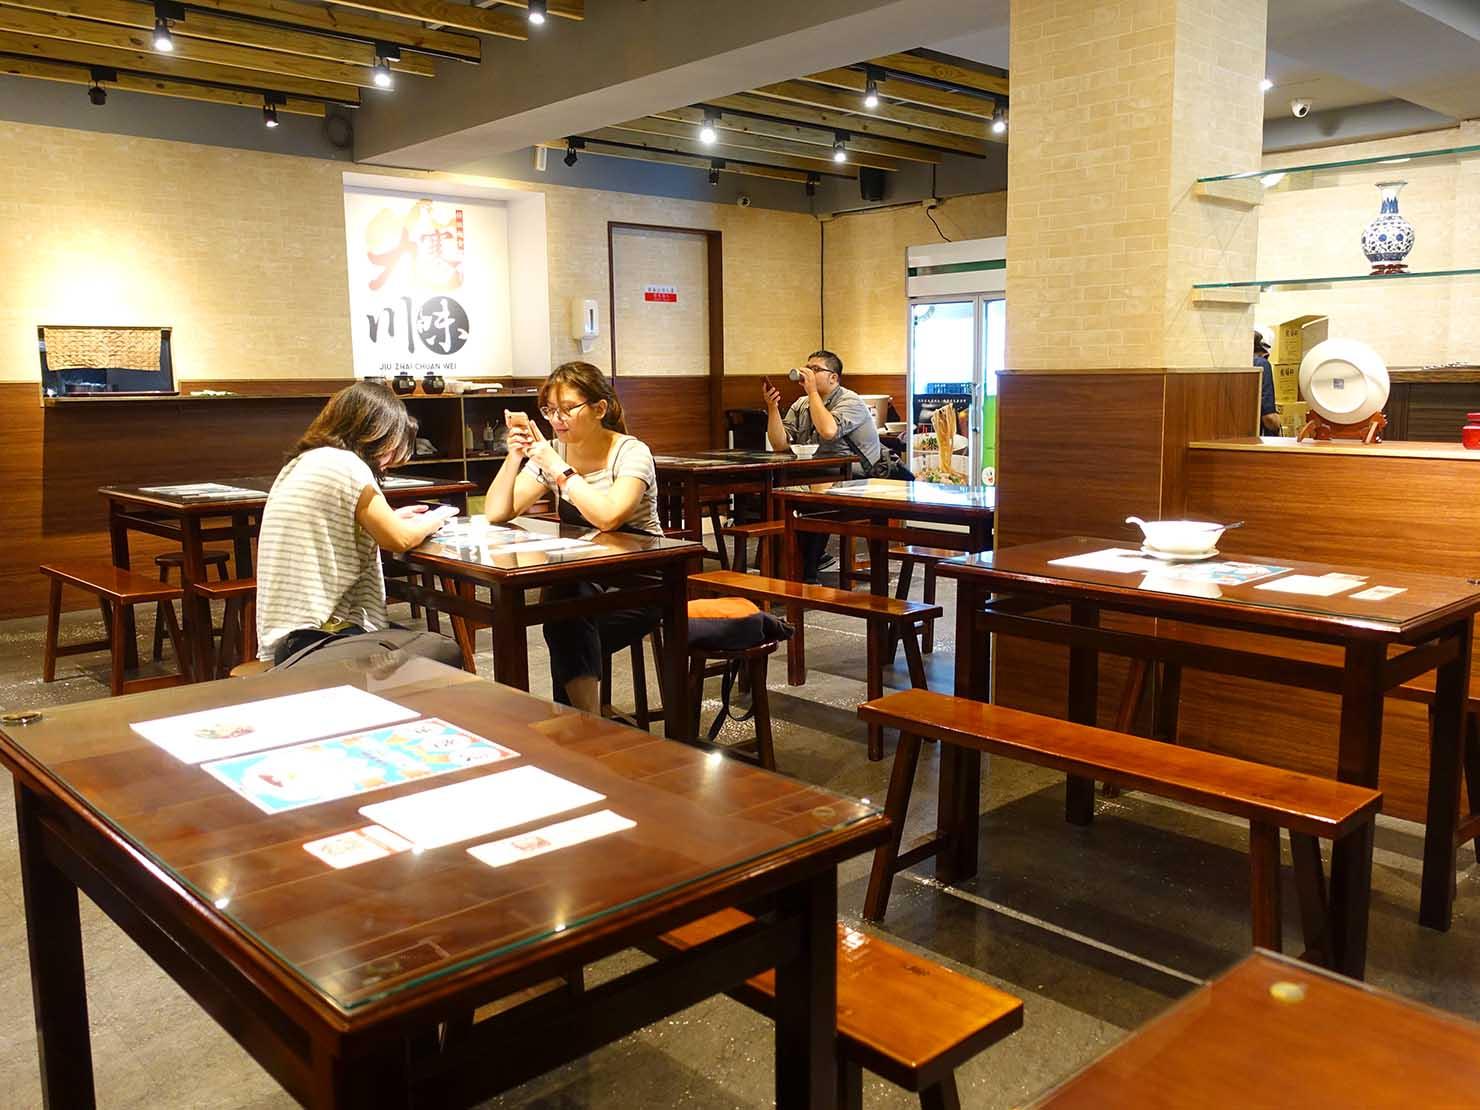 台北・善導寺のおすすめグルメ店「九寨川味精緻麵食館」の店内